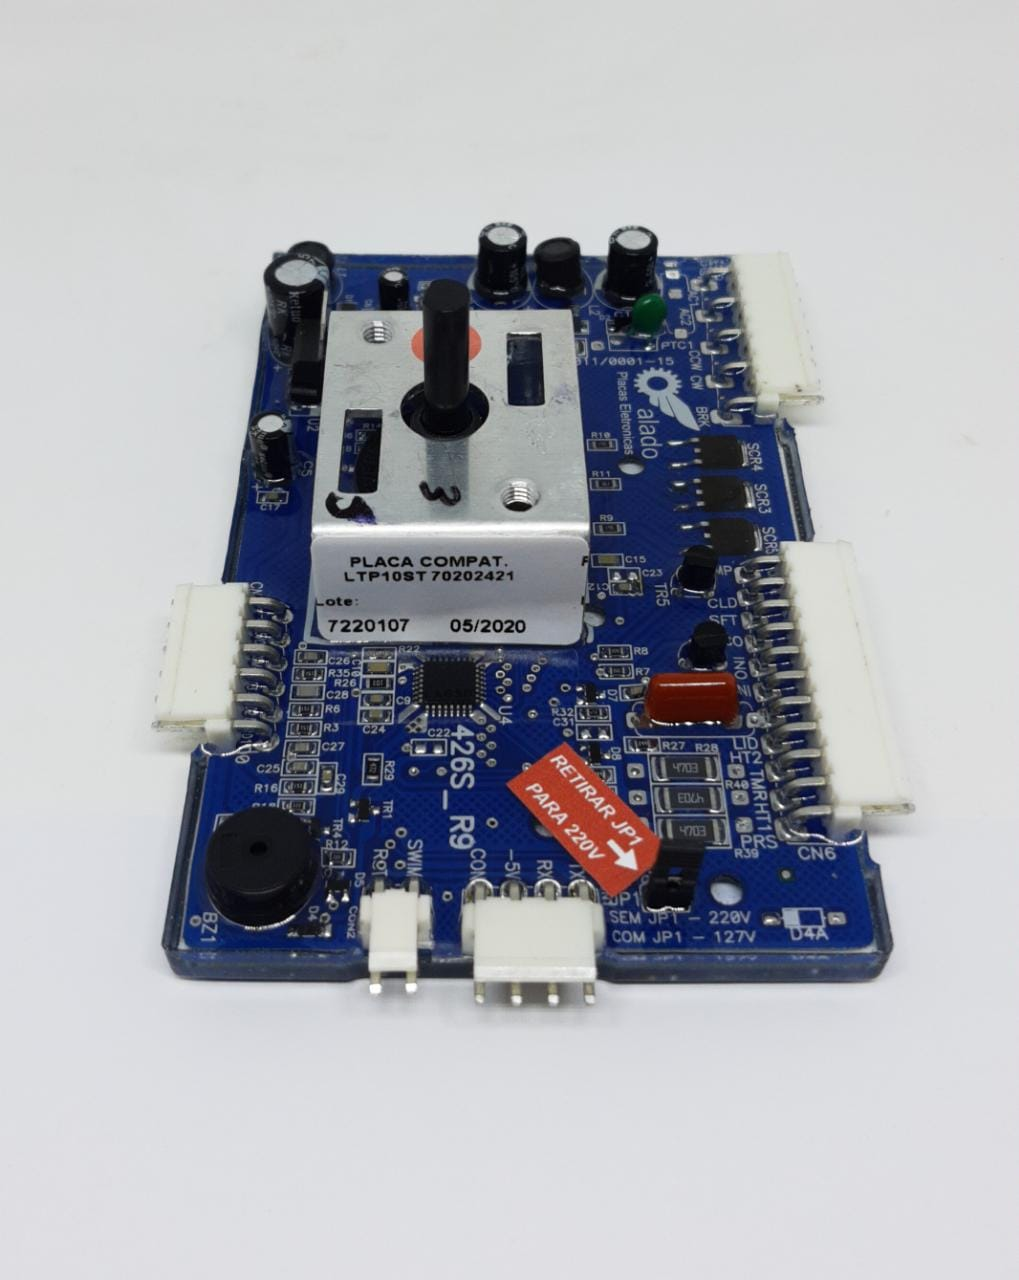 Placa Potencia Electrolux Ltp10st 70202421 - Alado